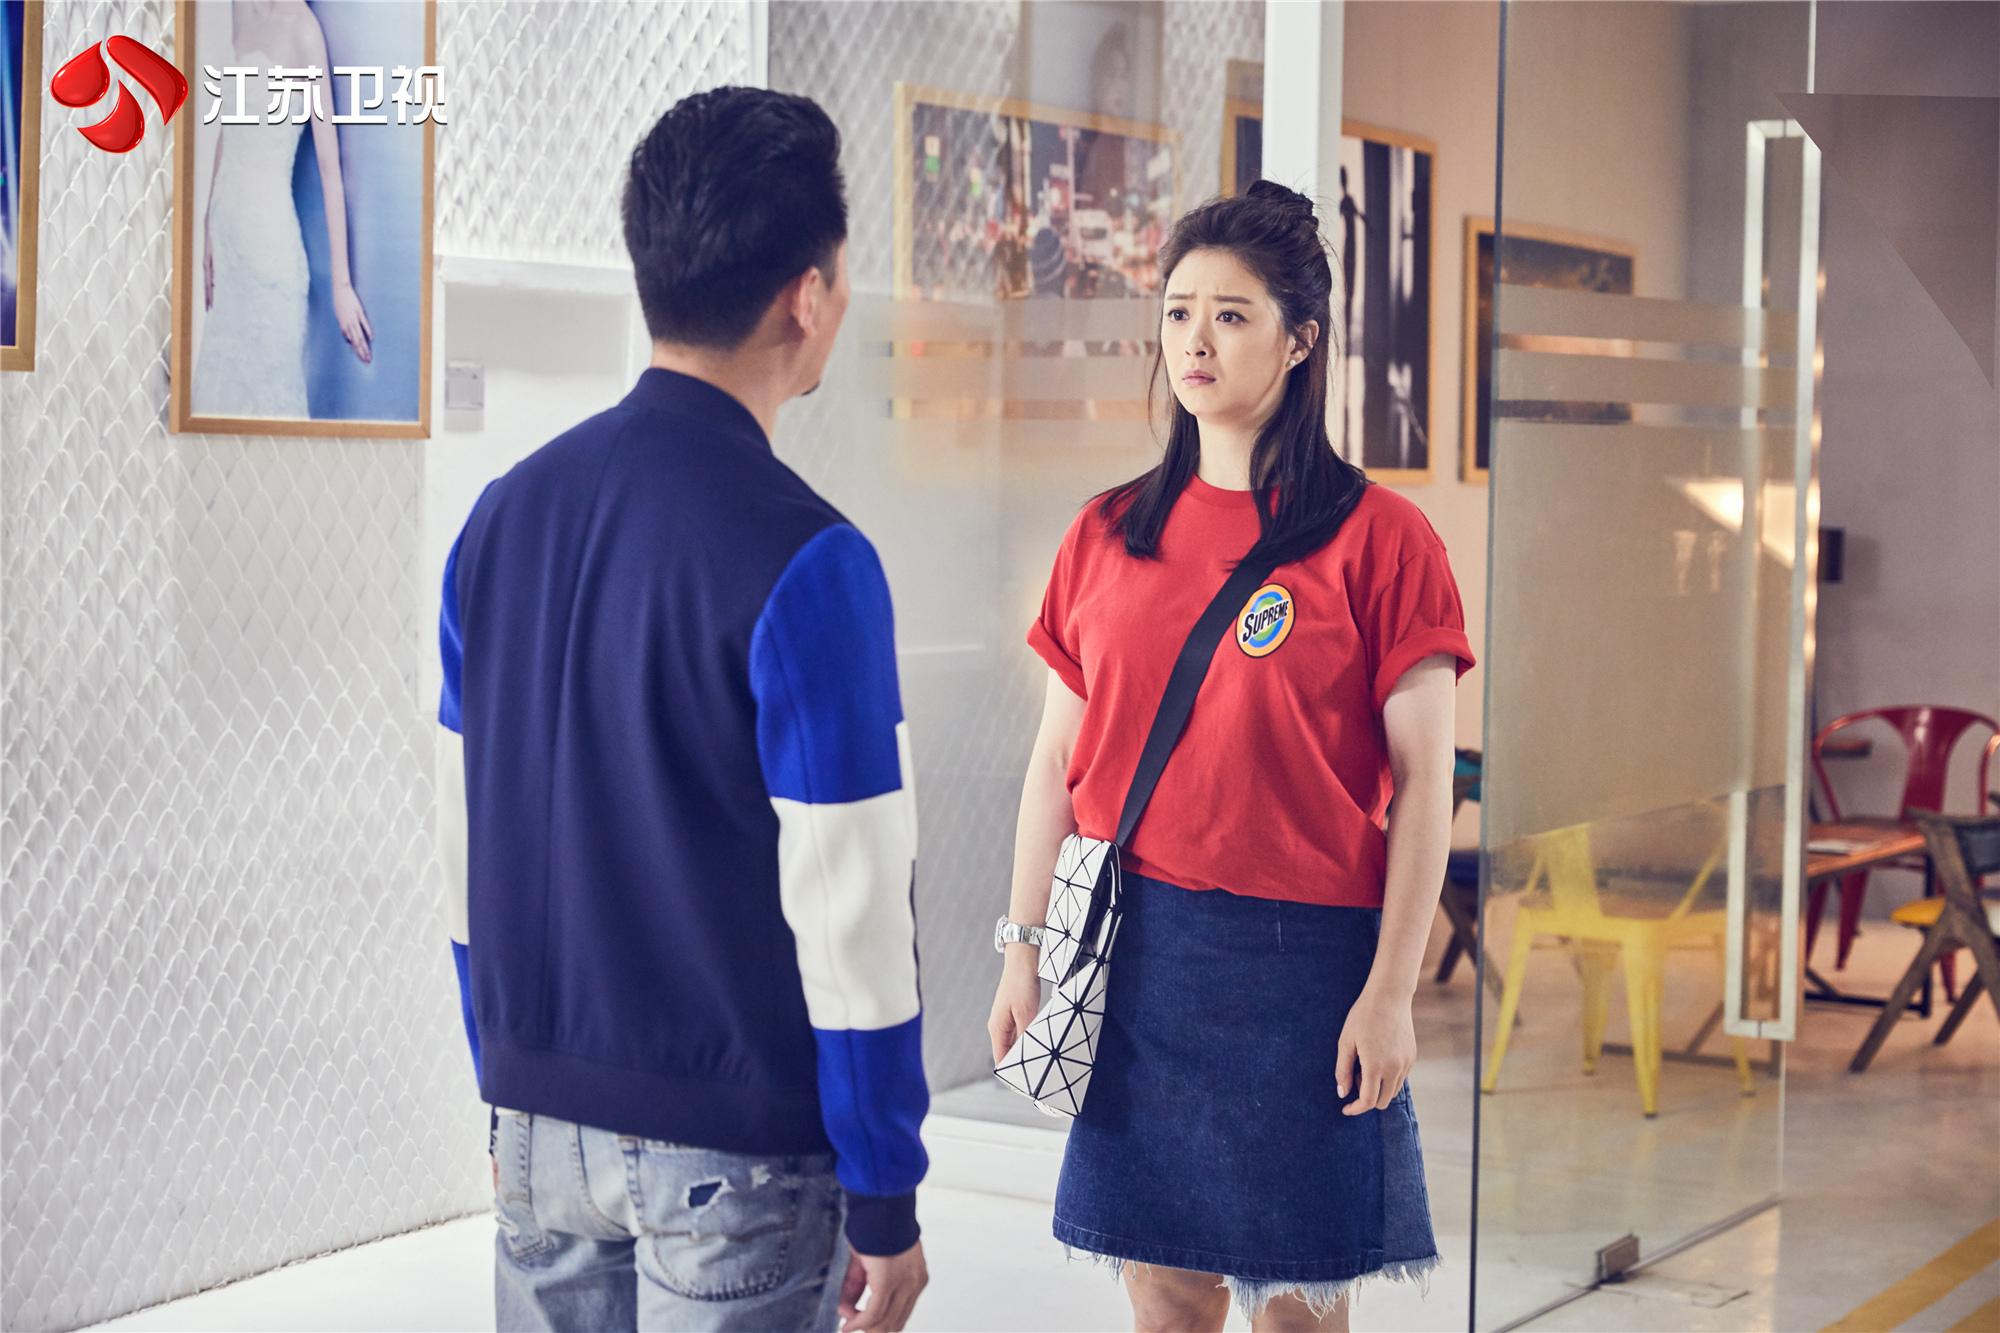 《凡人的品格》林永健蒋欣童蕾角色突破 三个冤家演绎一场生活大戏